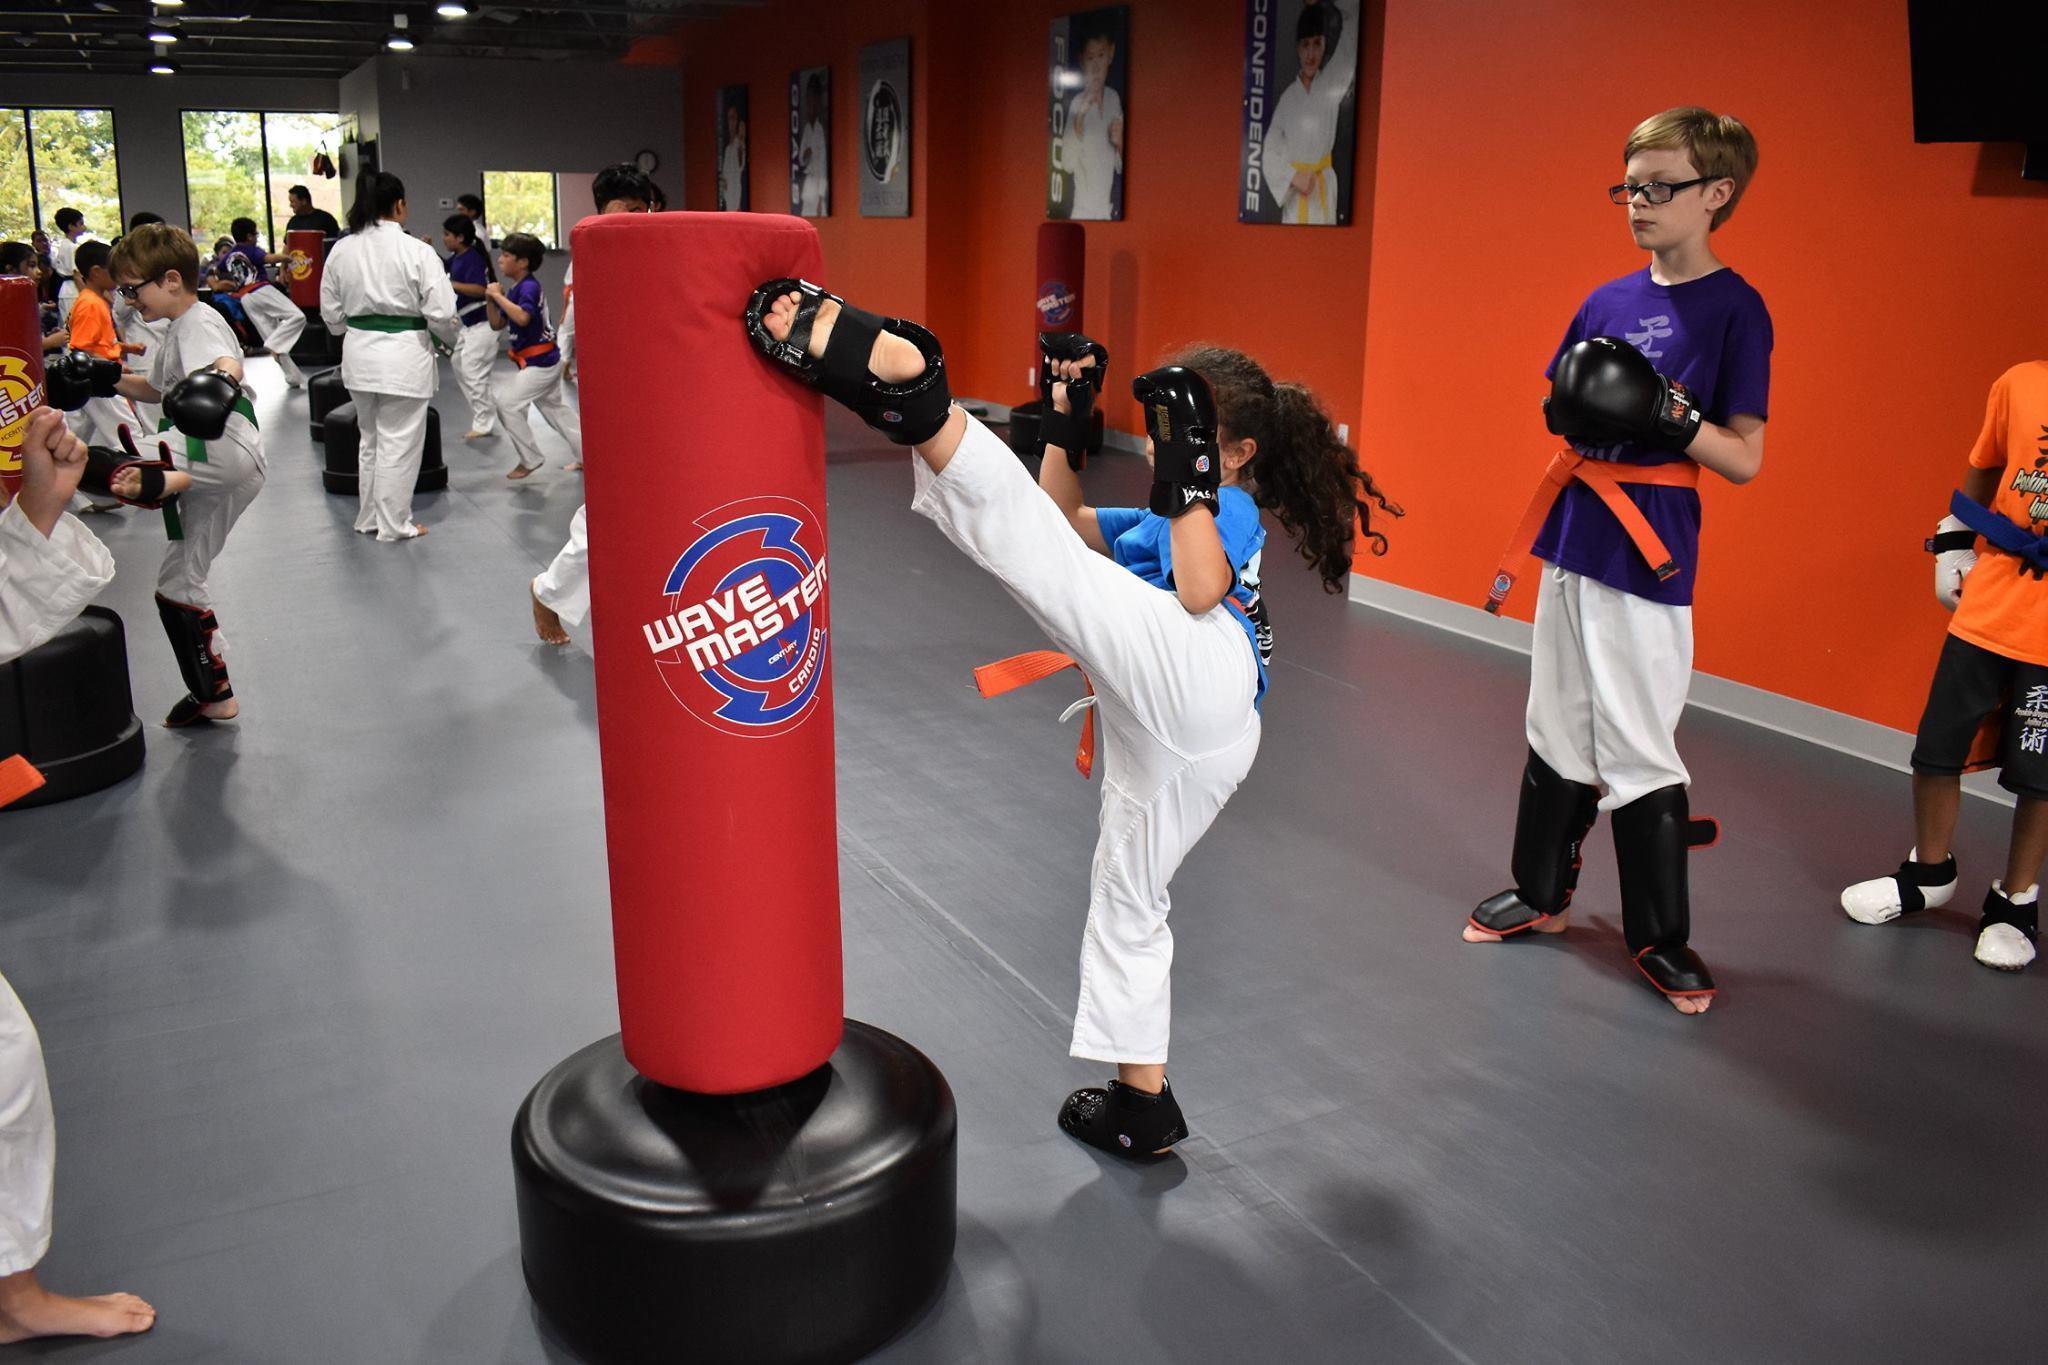 Popkin-Brogna Jujitsu Center image 1